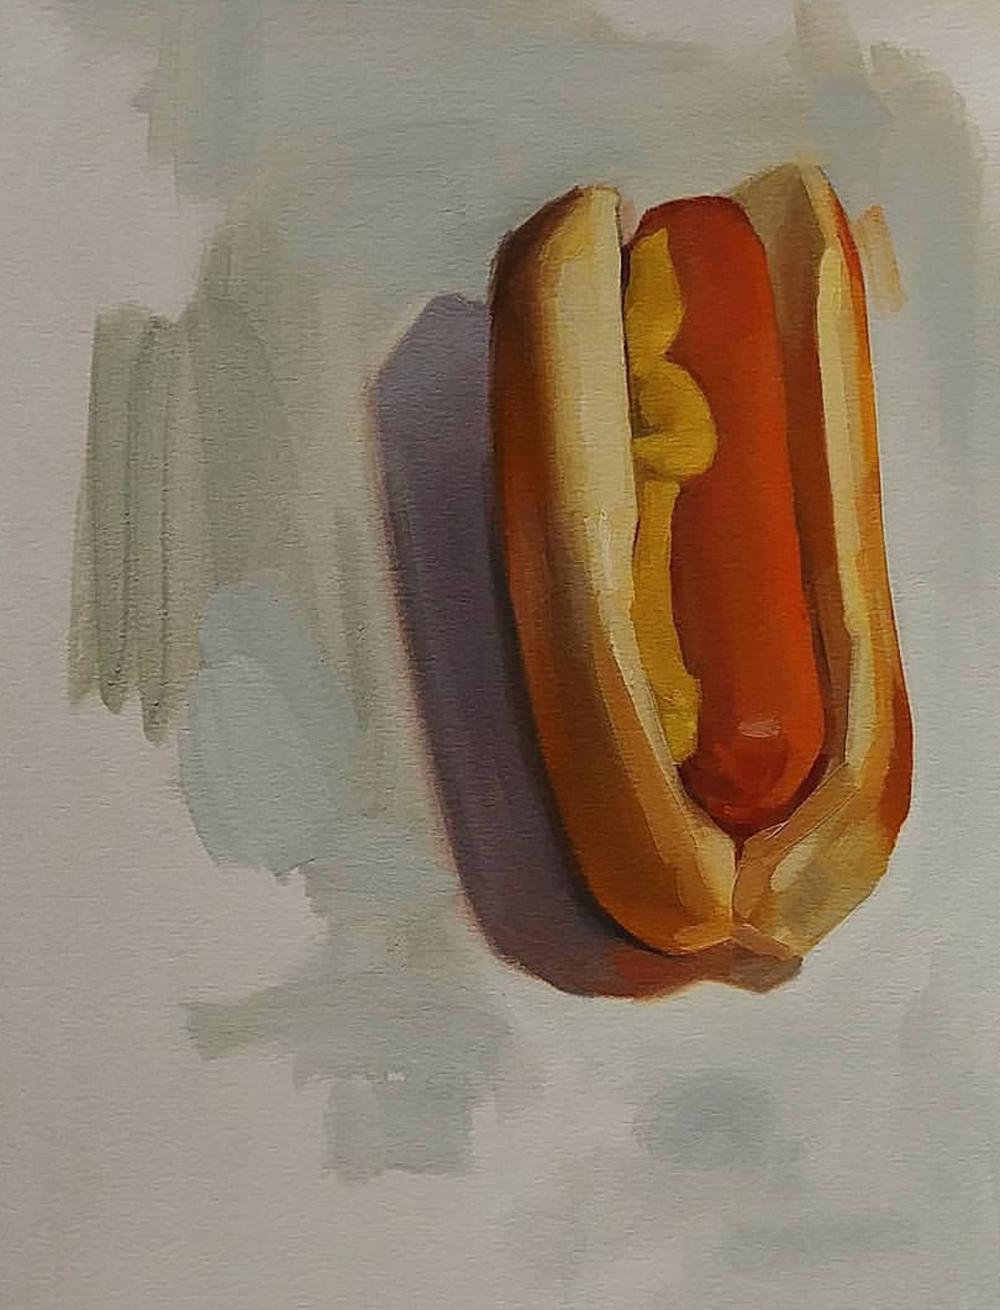 Hotdog, 11x14